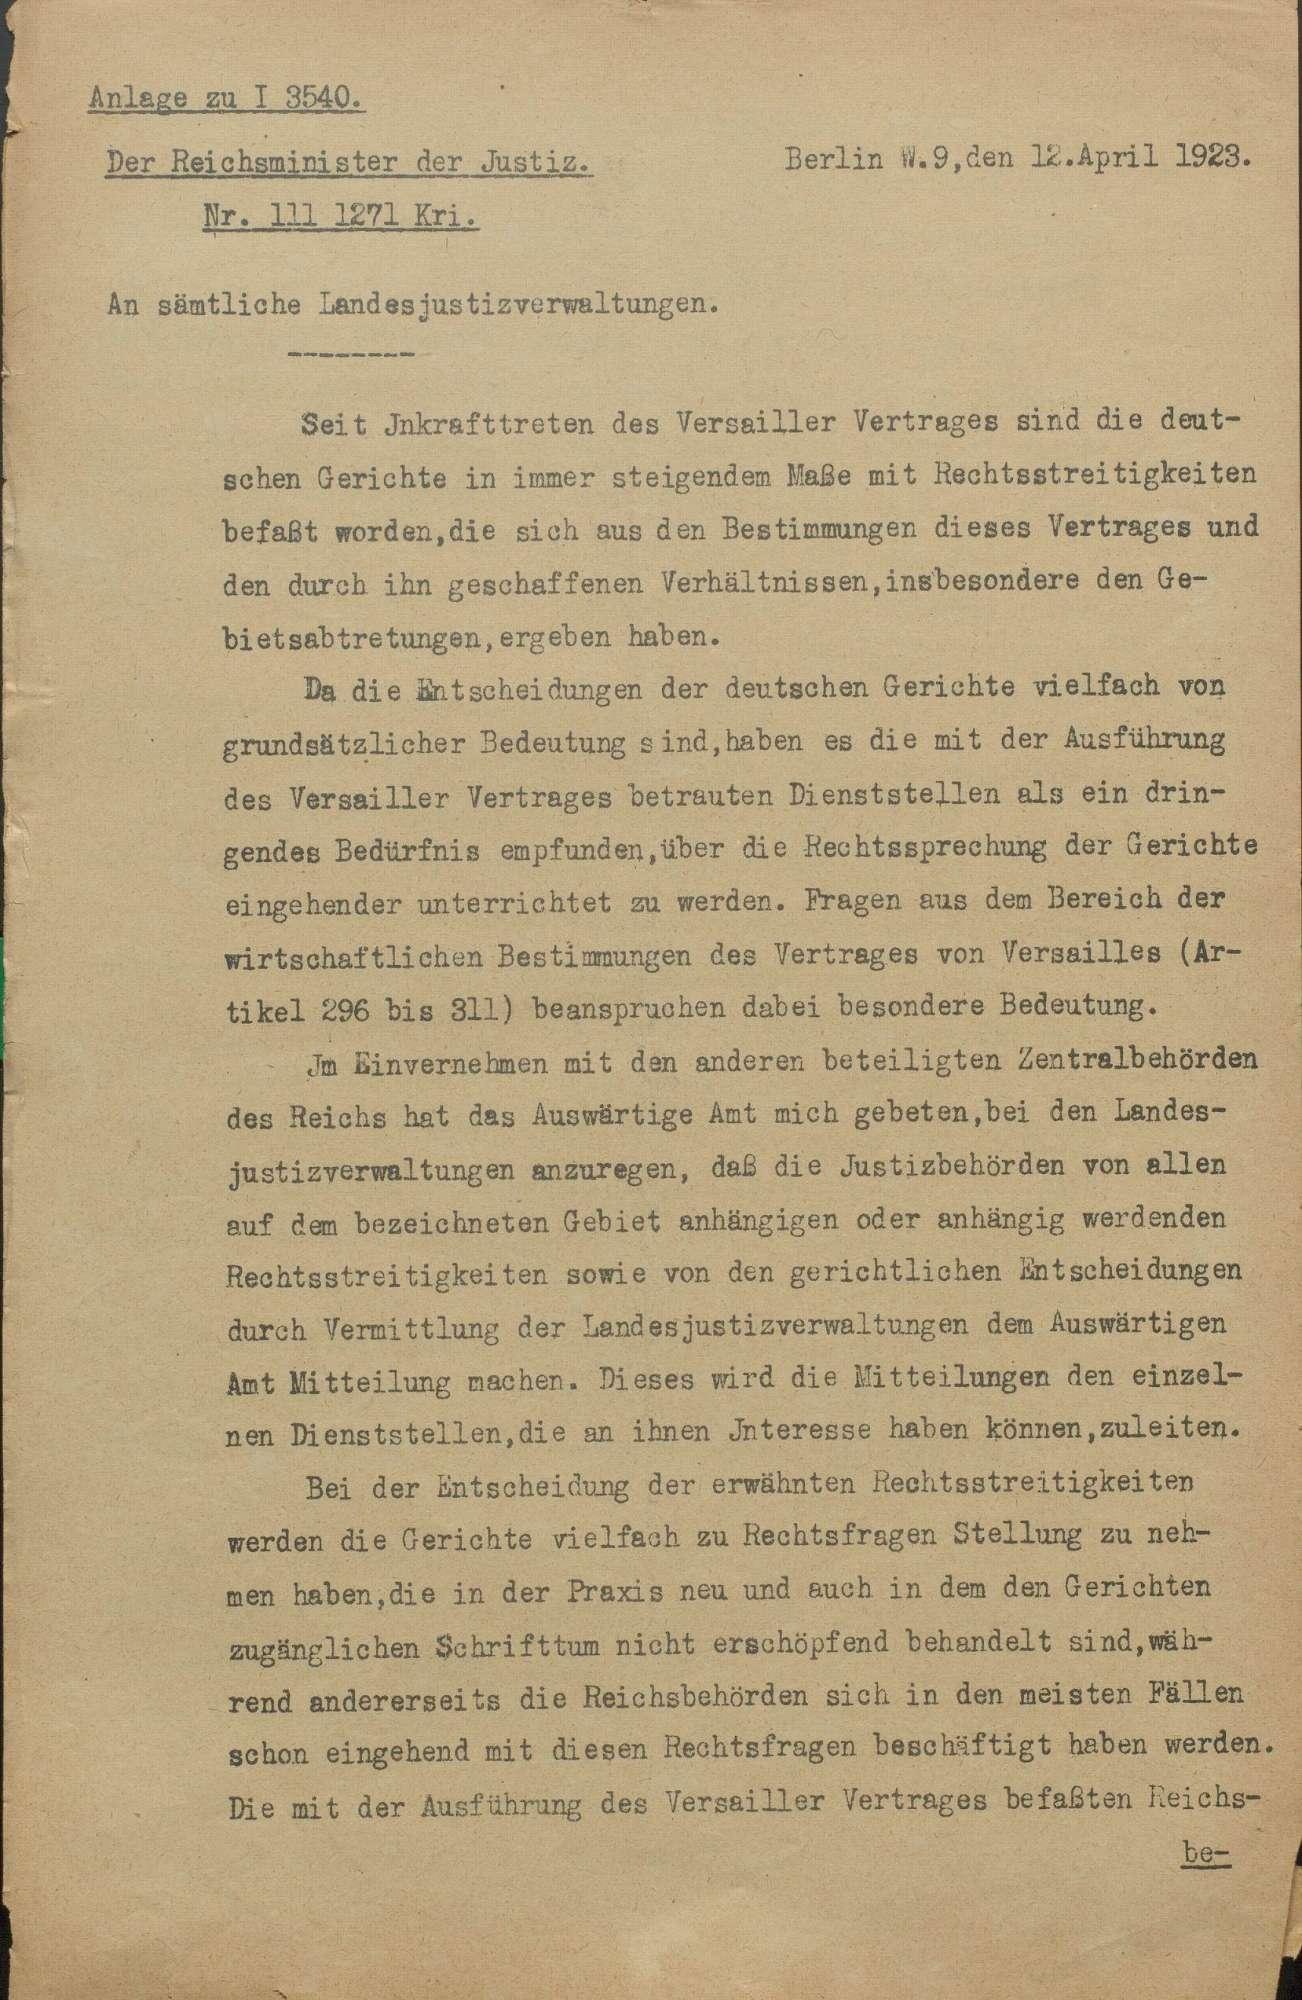 Ausführung des Friedensvertrages von Versailles, Bild 2